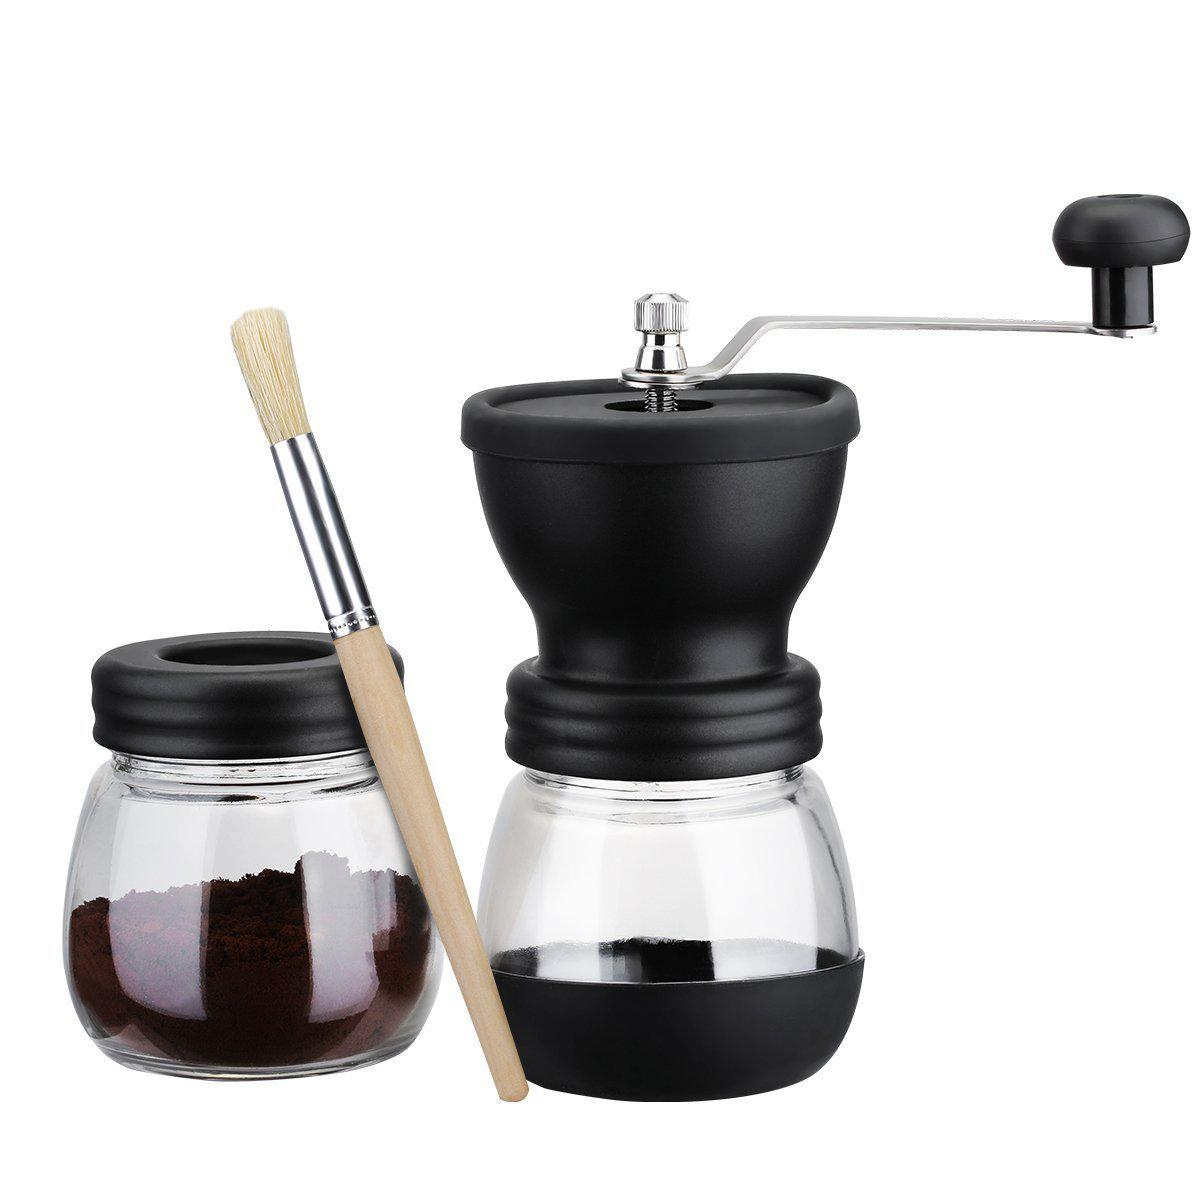 Manuelle Kaffeemühle mit Vorratsbehälter Weiche Bürste Konischer Keramikgrat Ruhig und tragbar